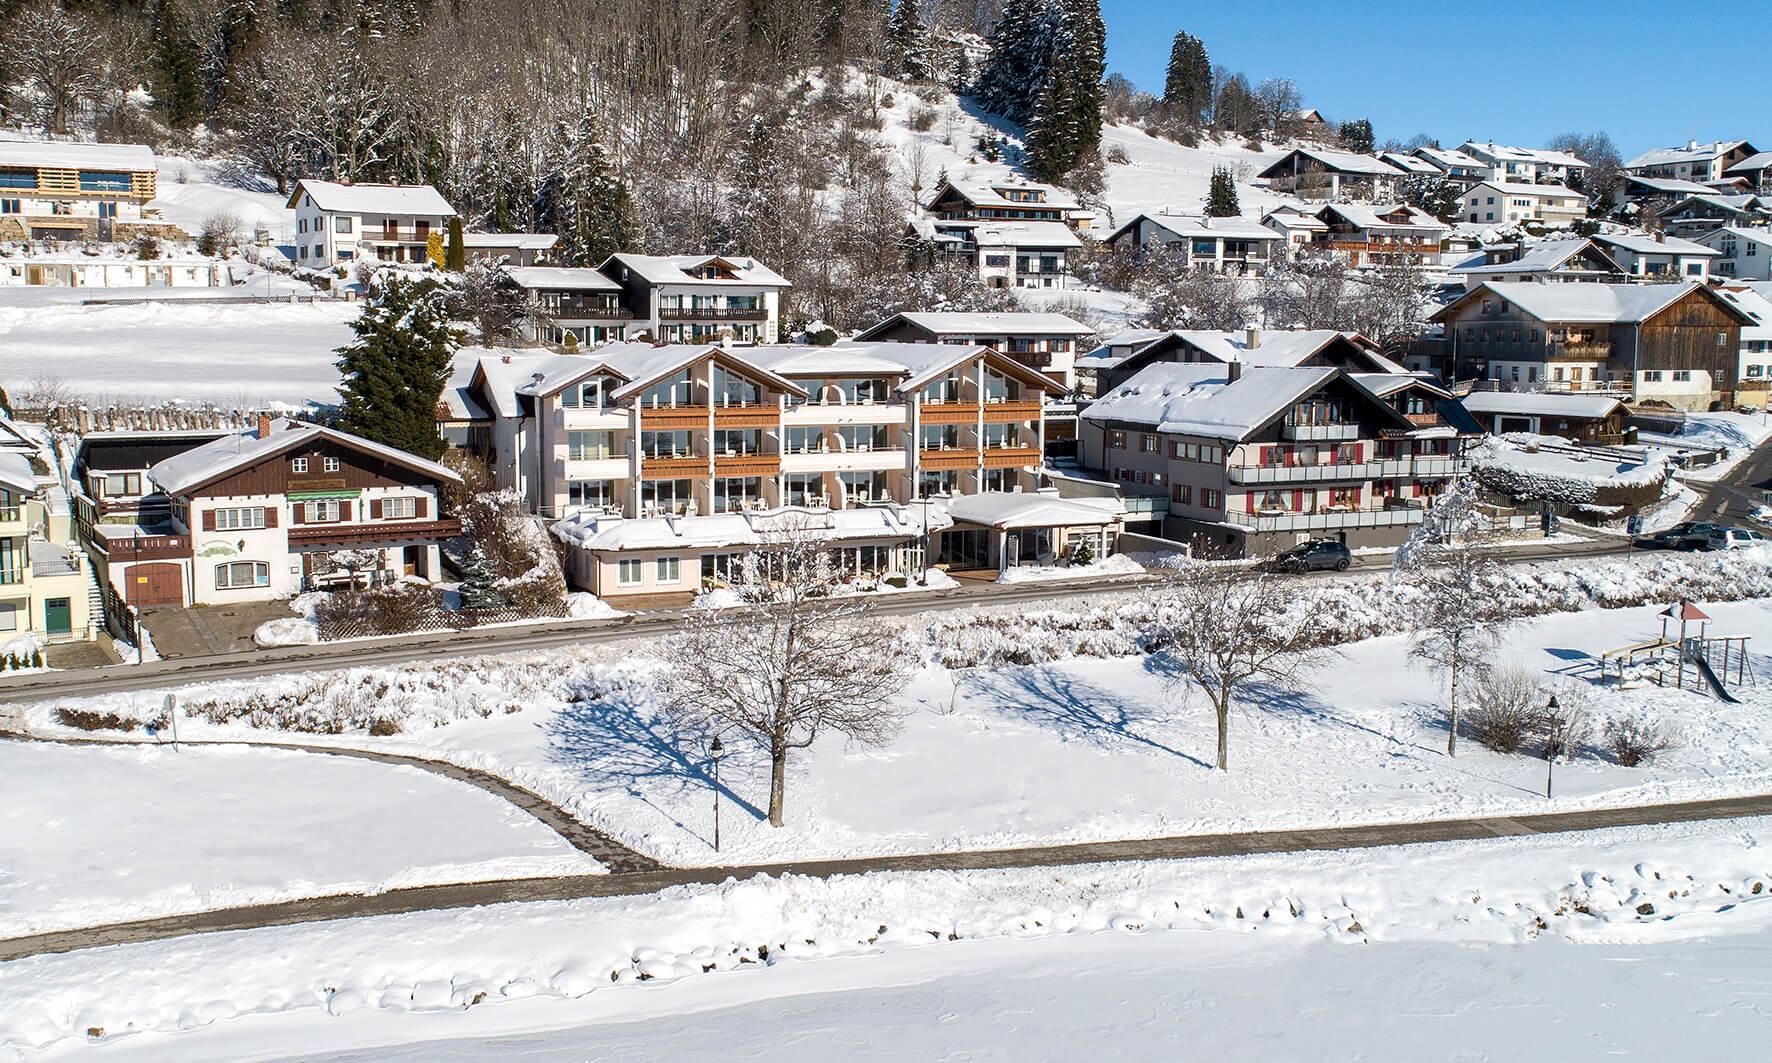 Hotel Fischer am See, Hopfen